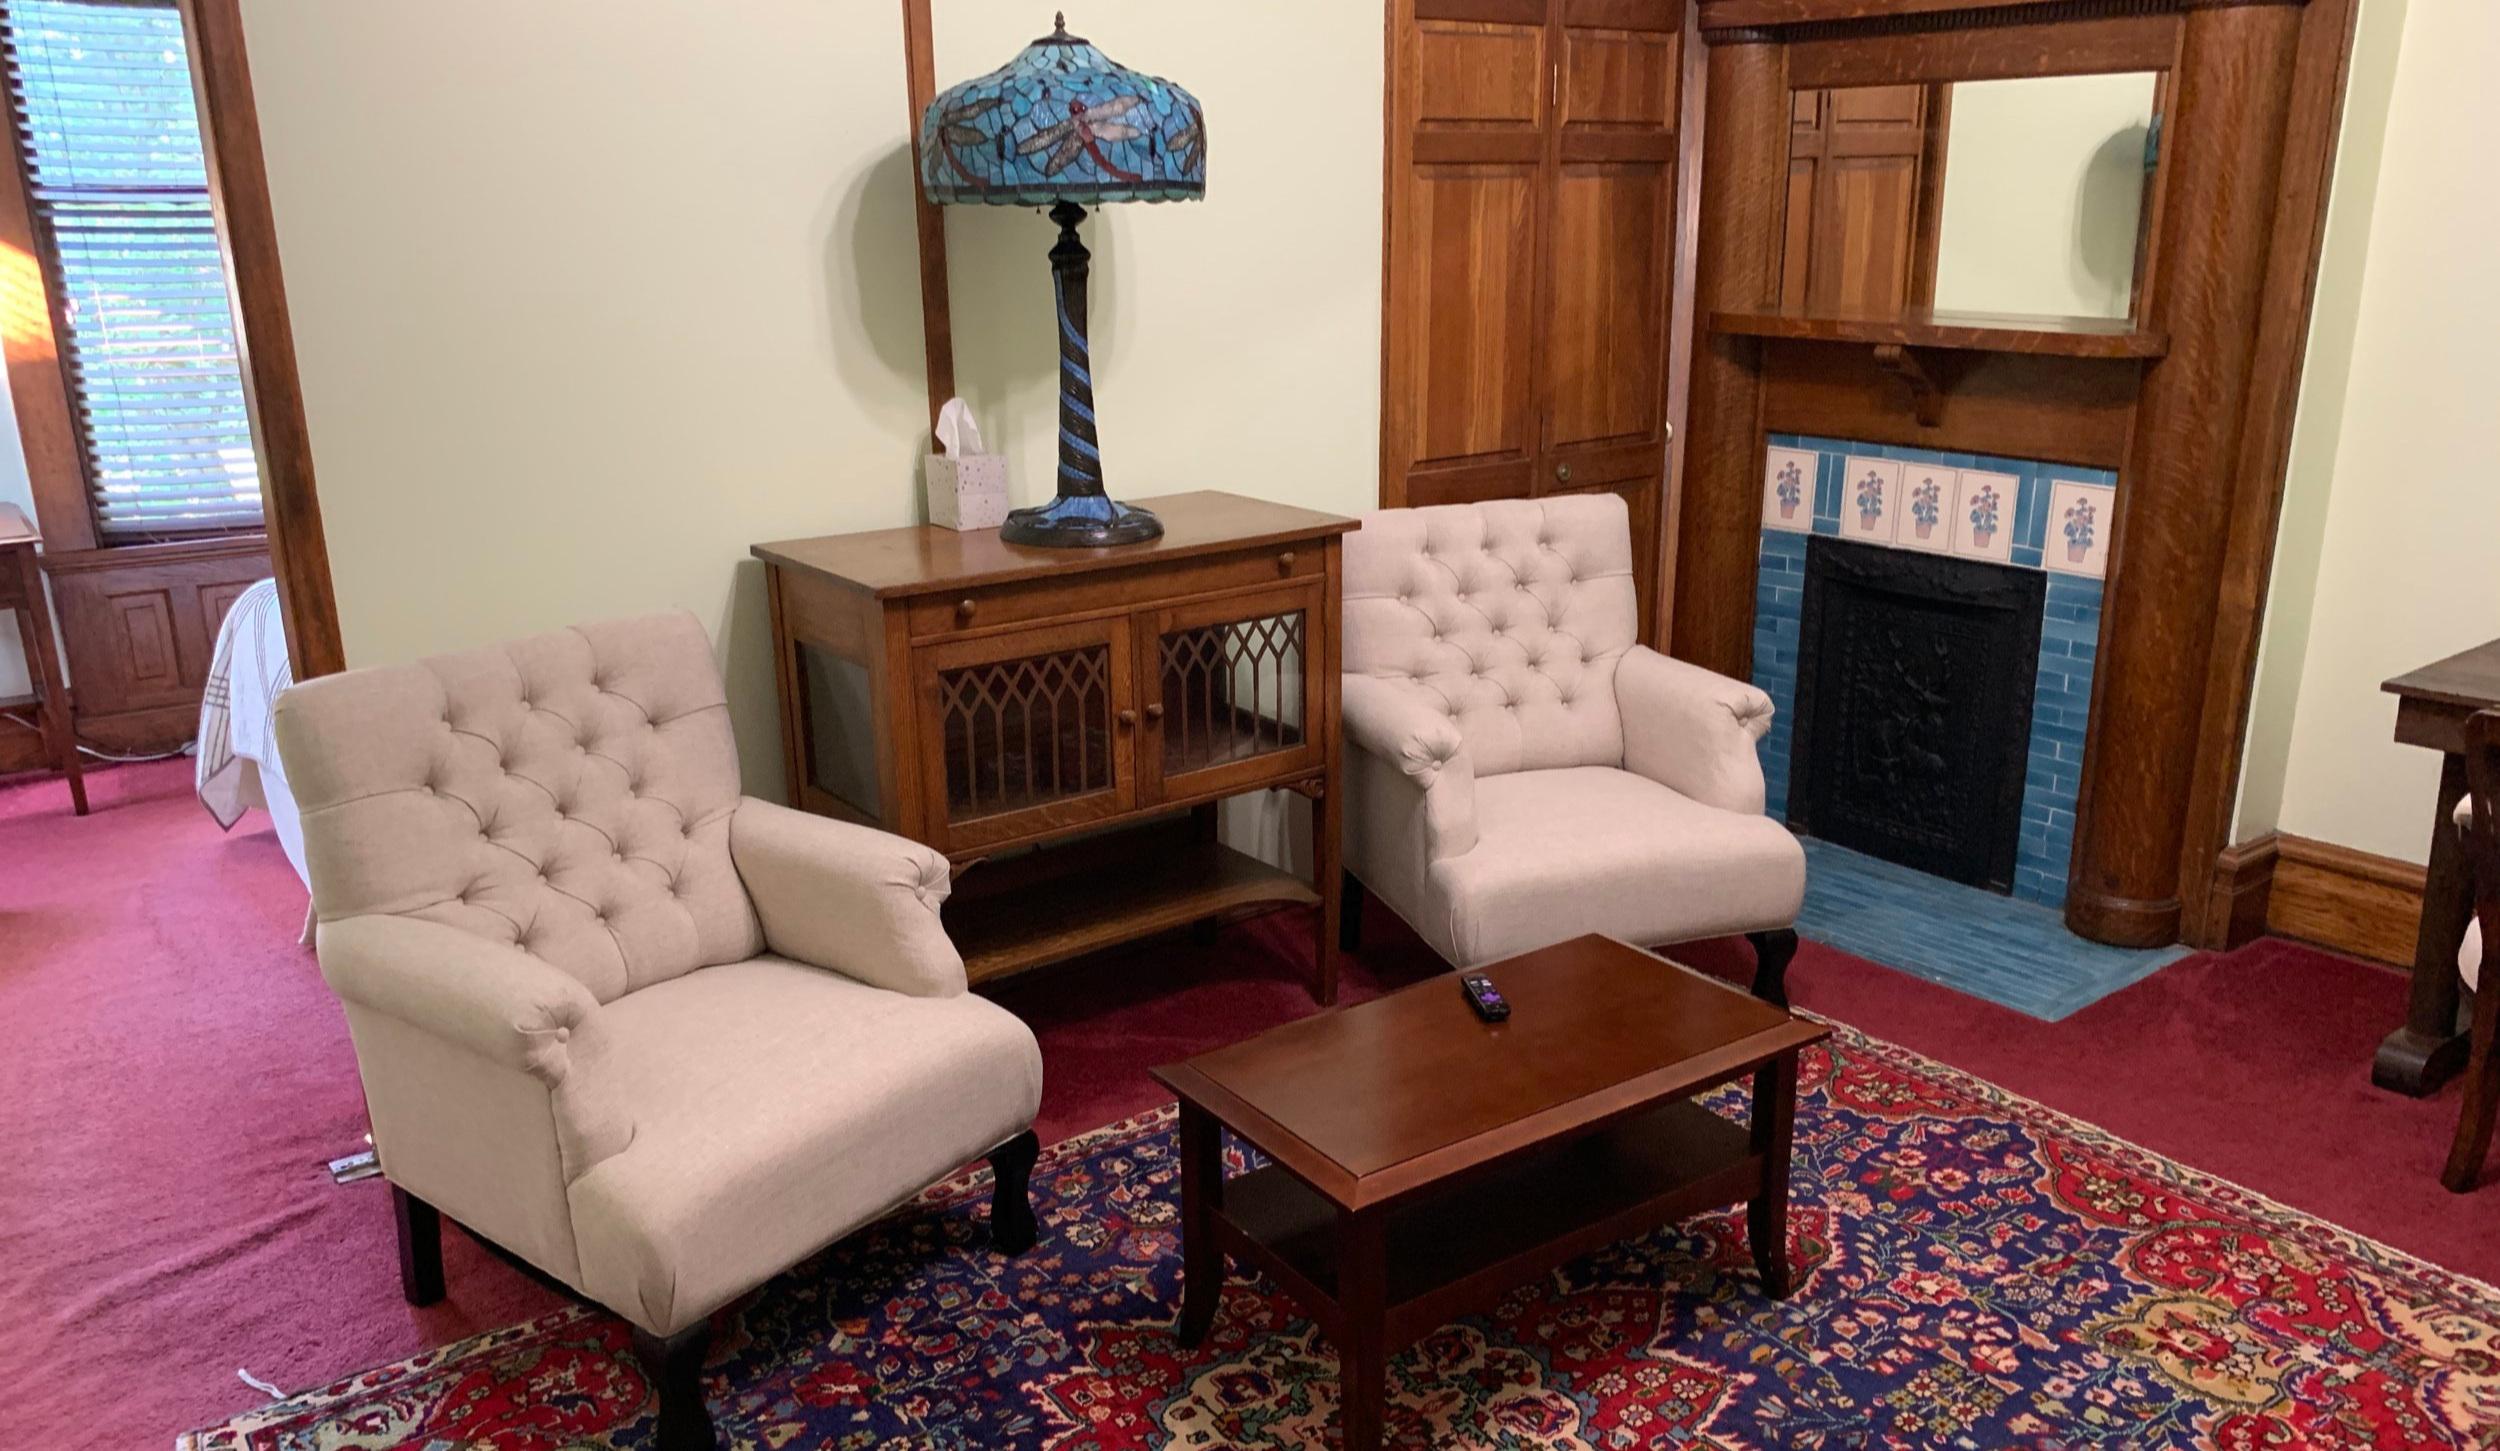 General Charles W. Adams - Room 6